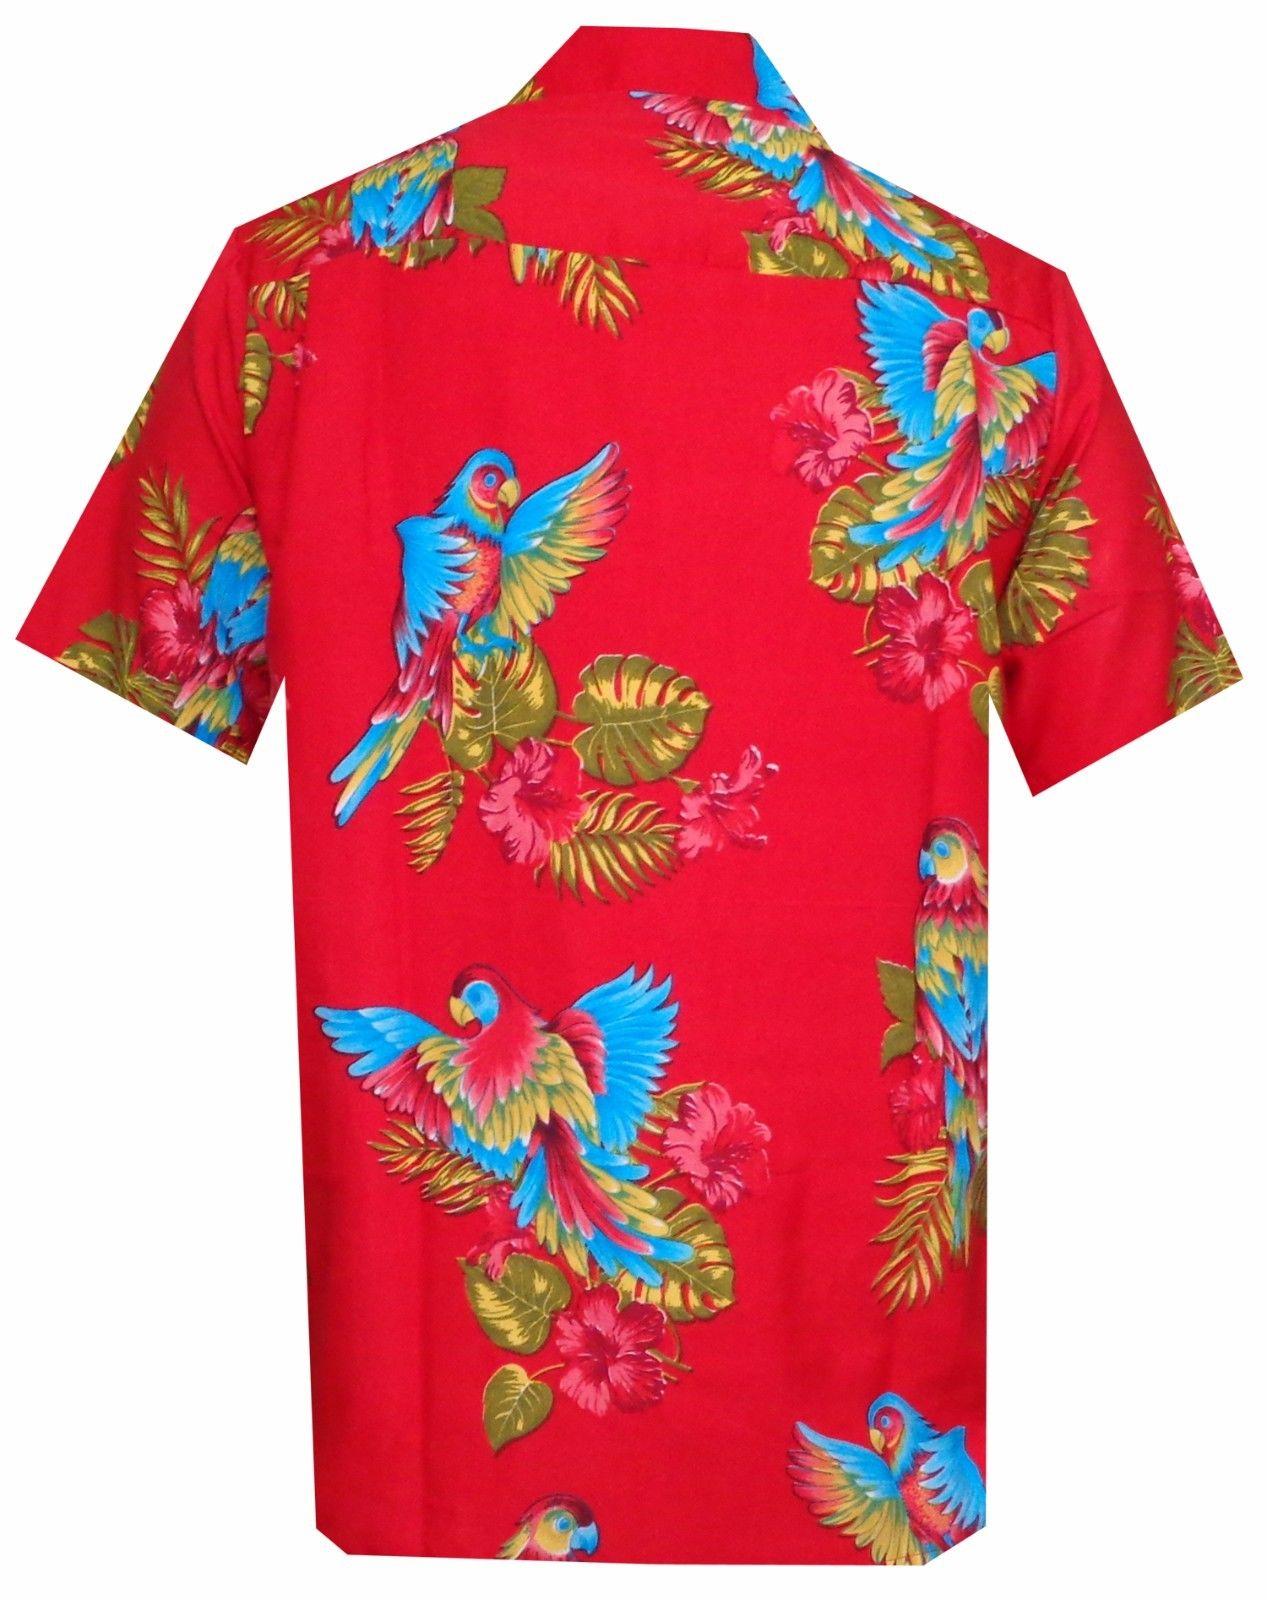 d11c62d6 Hawaiian Shirt Mens Parrot/Toucan Print Beach Aloha Party Holiday ...